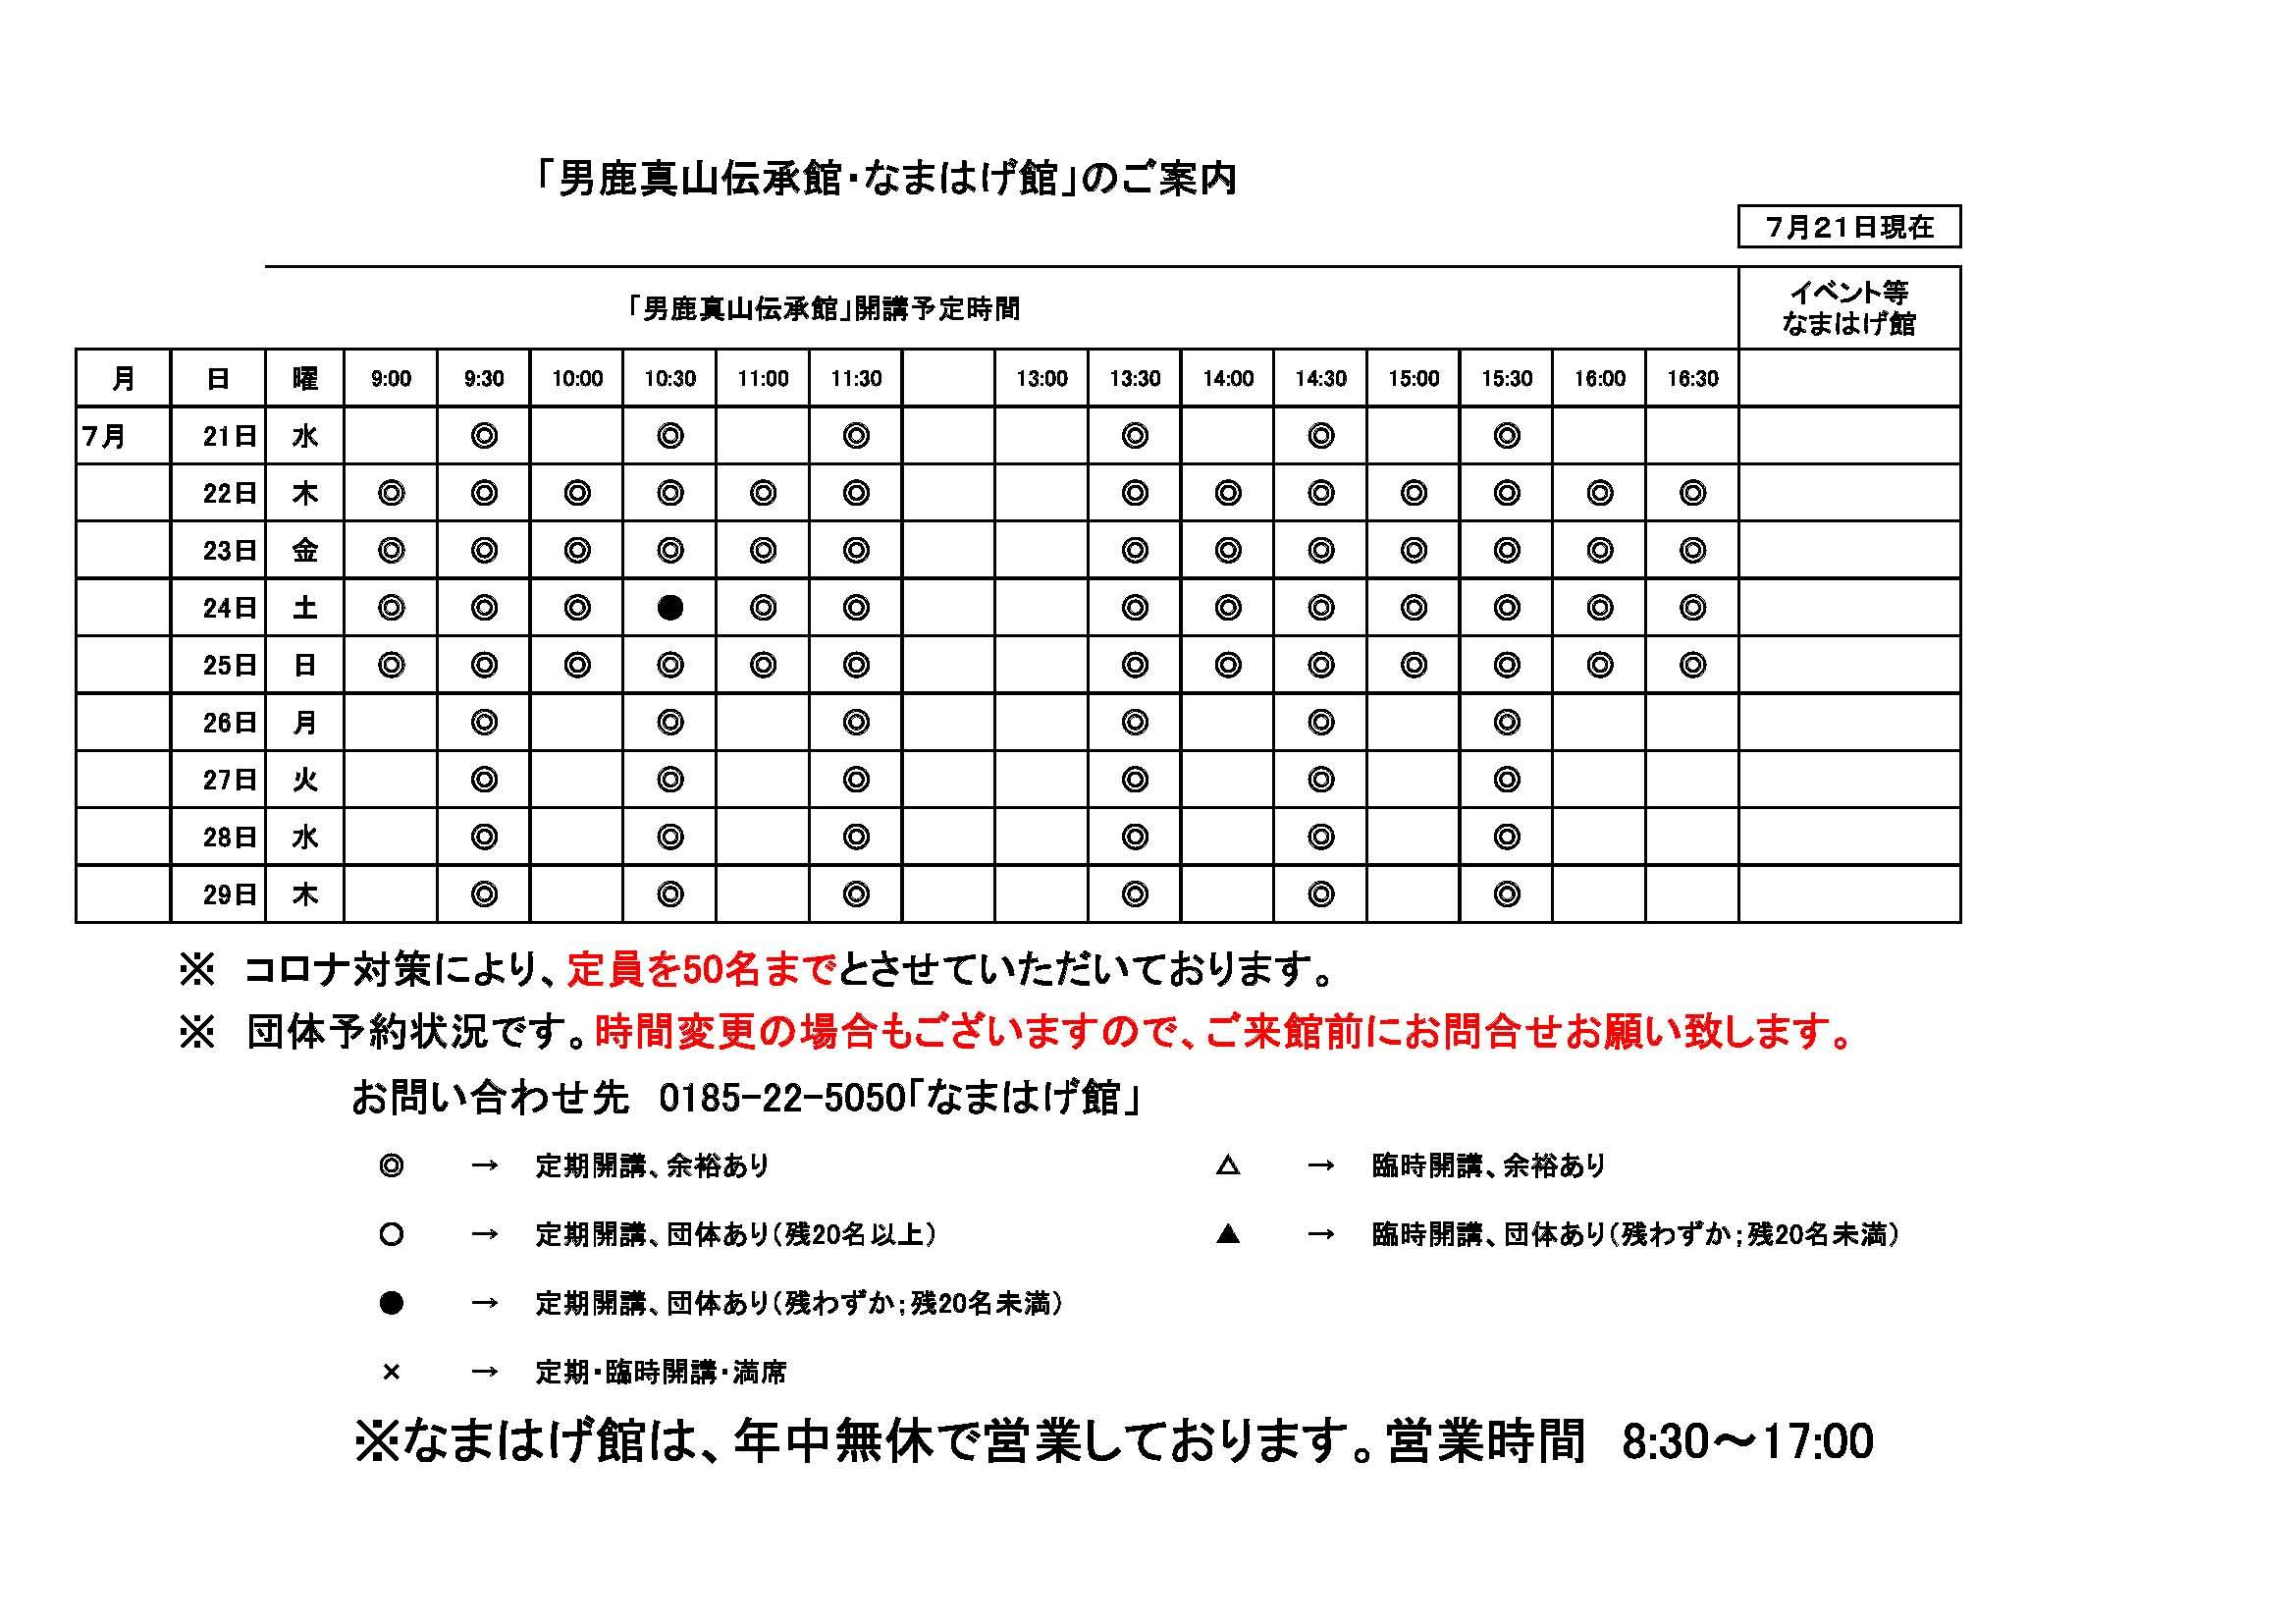 伝承館お知らせ(7月)_ページ_1.jpg